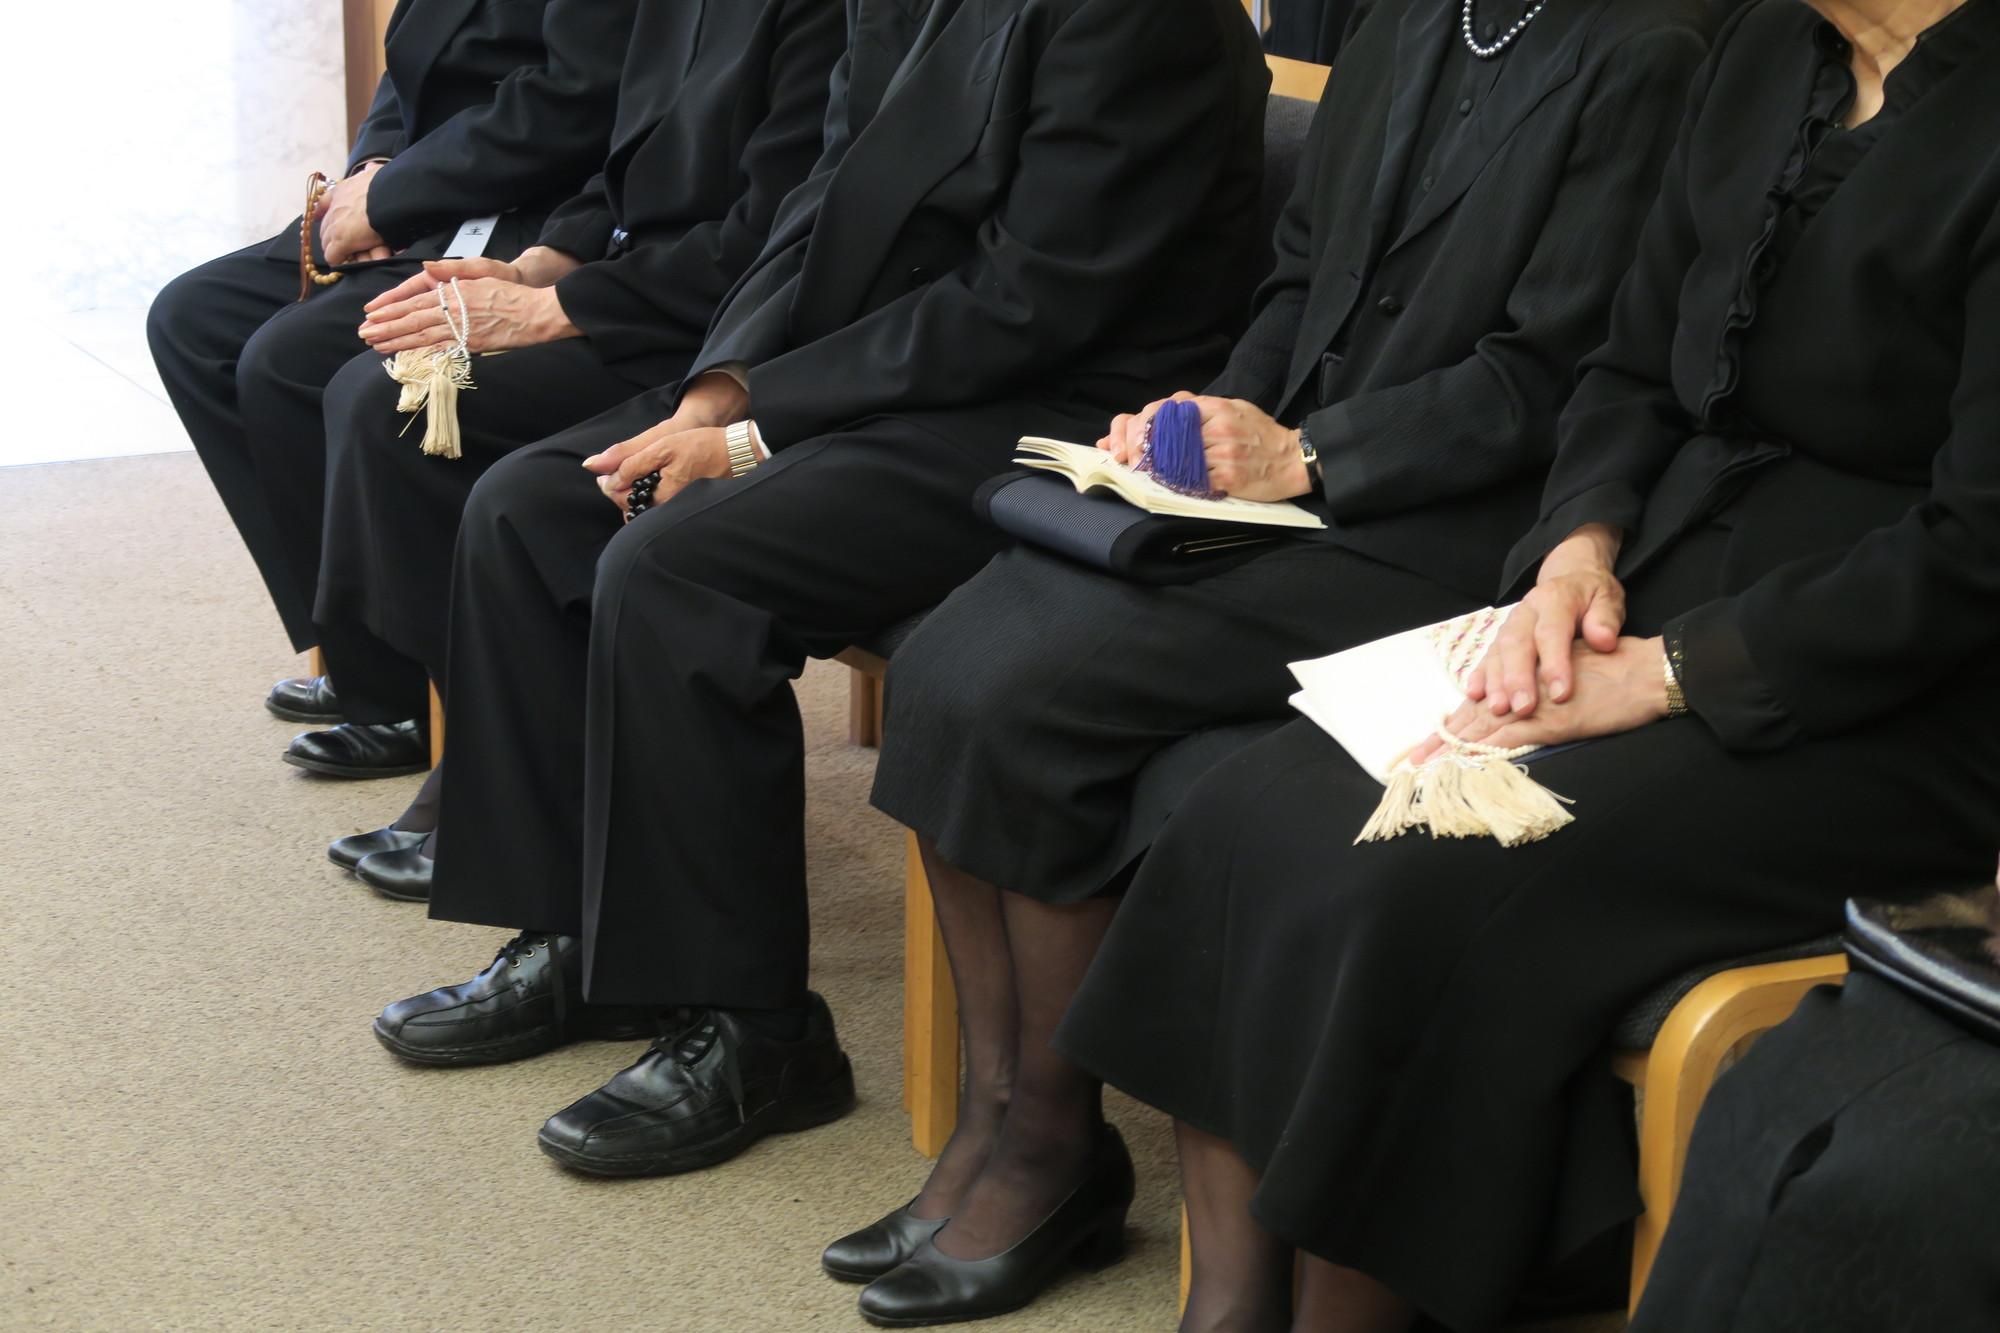 画像マネセツ071(草川)/葬儀費用と最近の葬儀事情